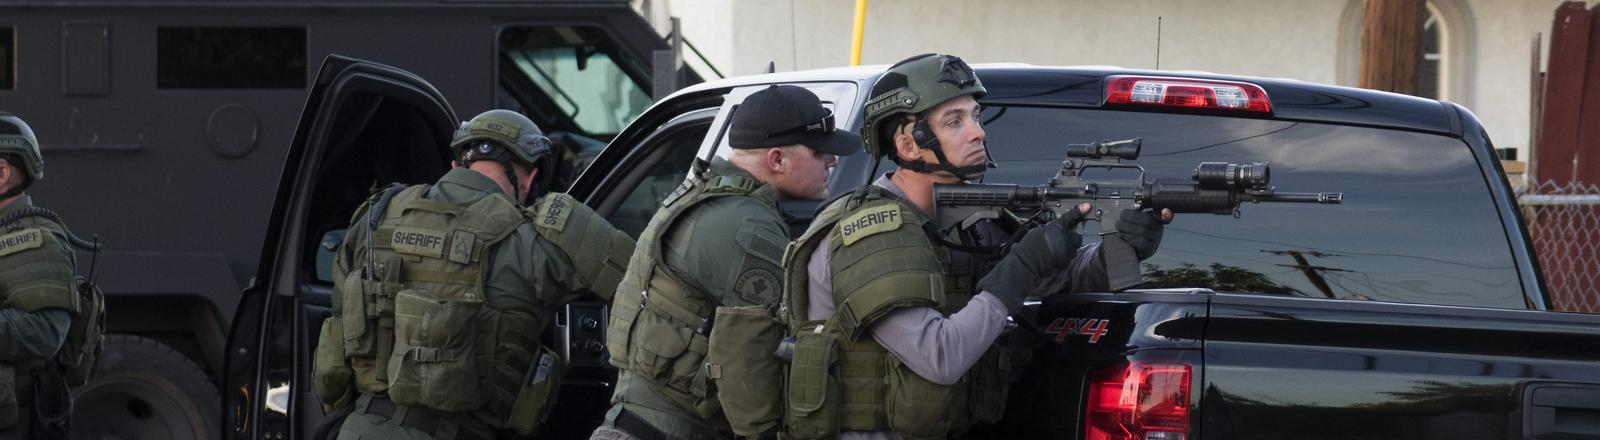 Polizisten bei der Schießerei in San Bernardino, Kalifornien